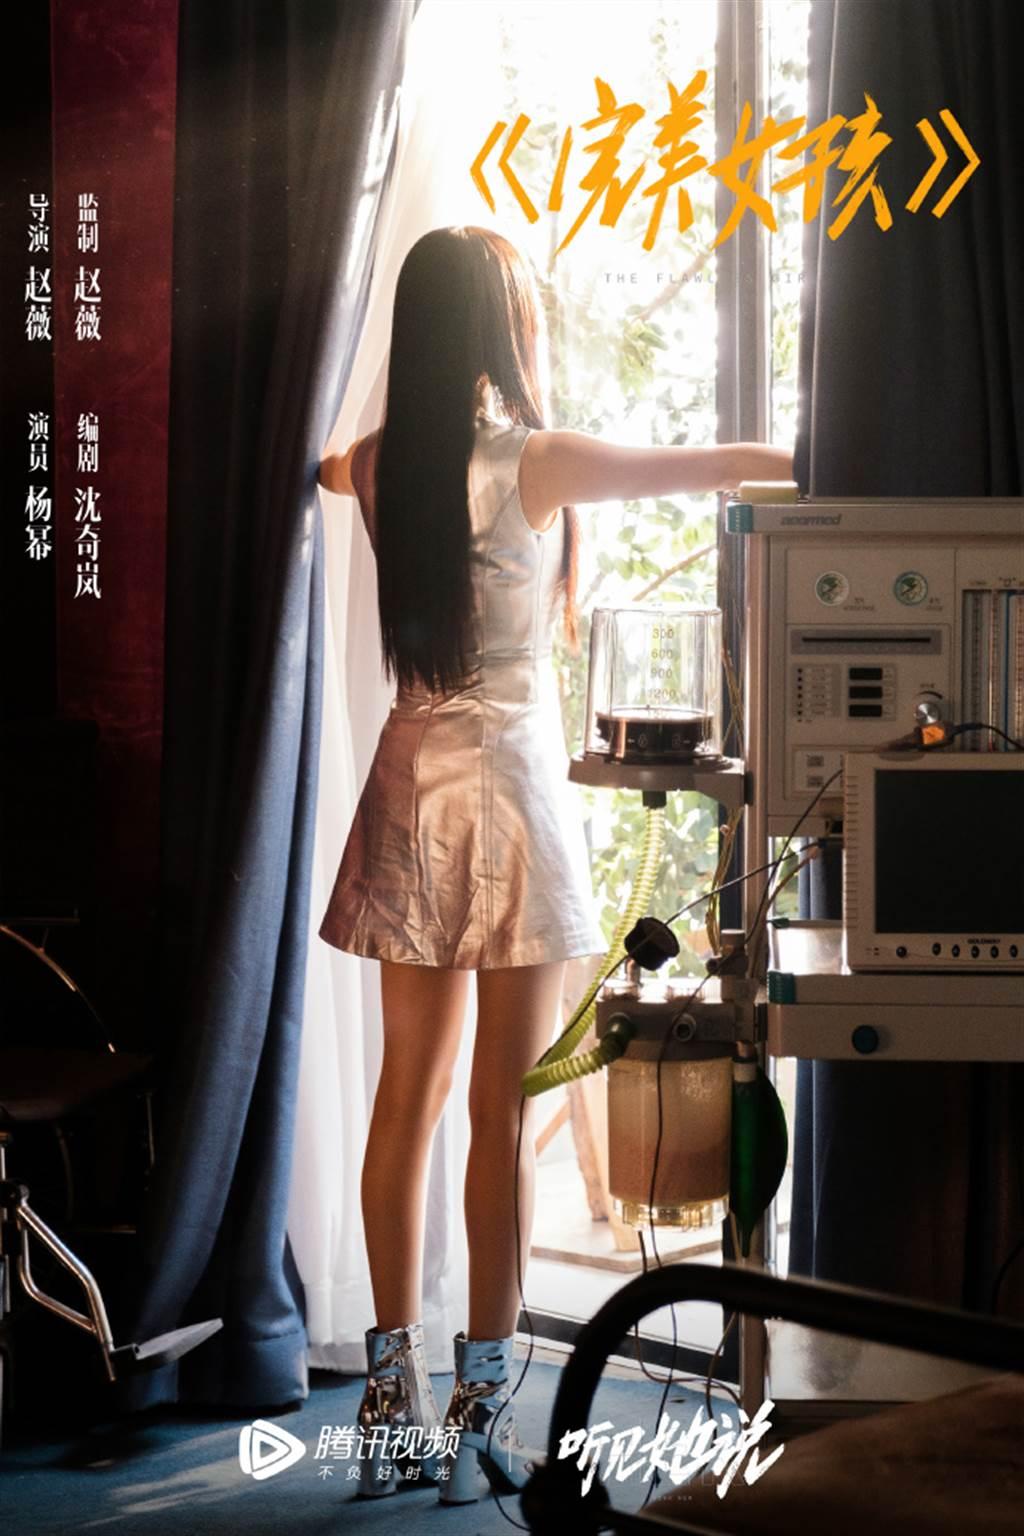 杨幂身穿金色无袖洋装,她前凸后翘的身材曲线全都露。(图/取材自腾讯视频听见她说微博)